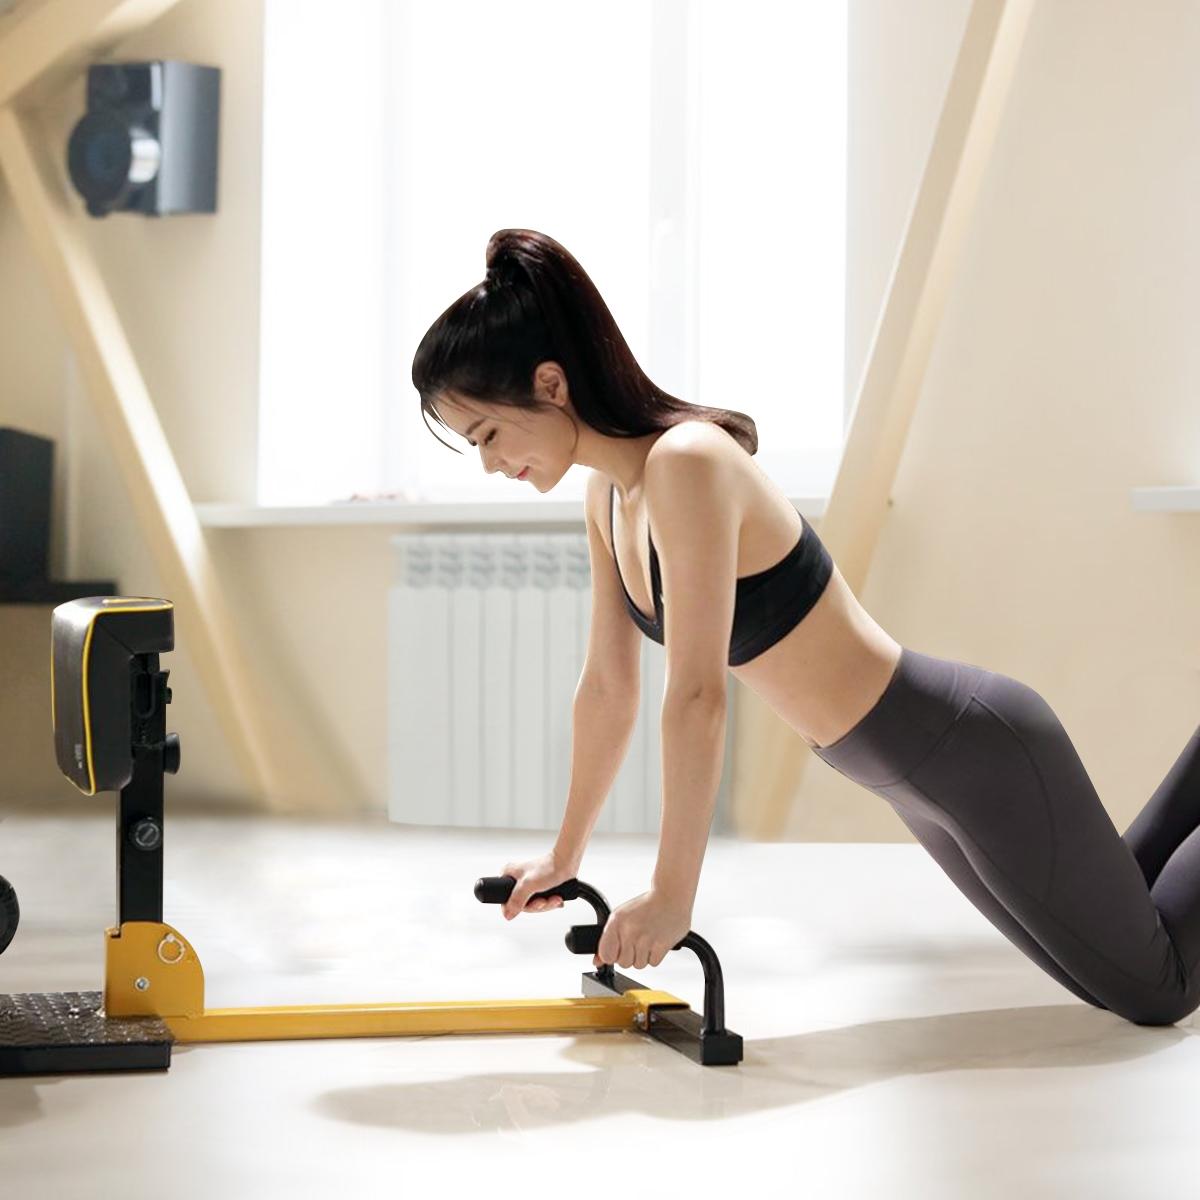 8 en 1 Máquina para Sentadillas Profundas Altura Ajustable Ejercicios Multifuncional para Gimnasio Hogar Carga hasta 100kg Amarillo y Negro 97